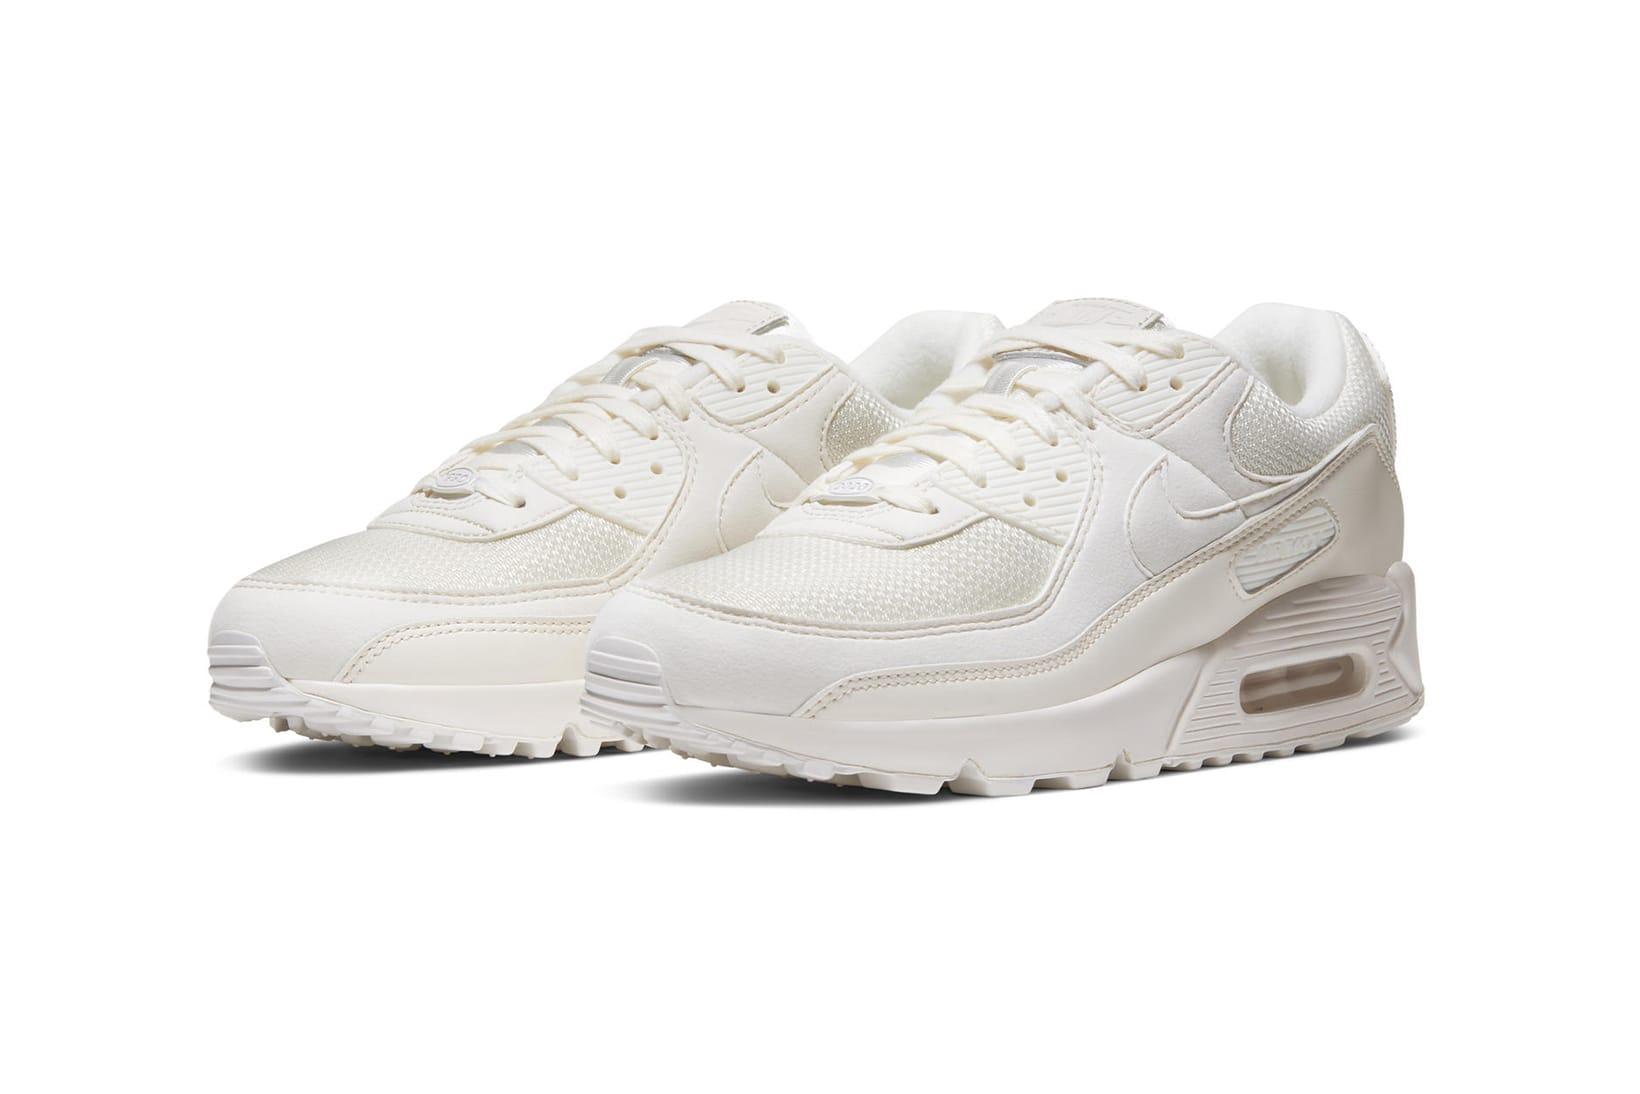 Nike Air Max 90 30th Anniversary